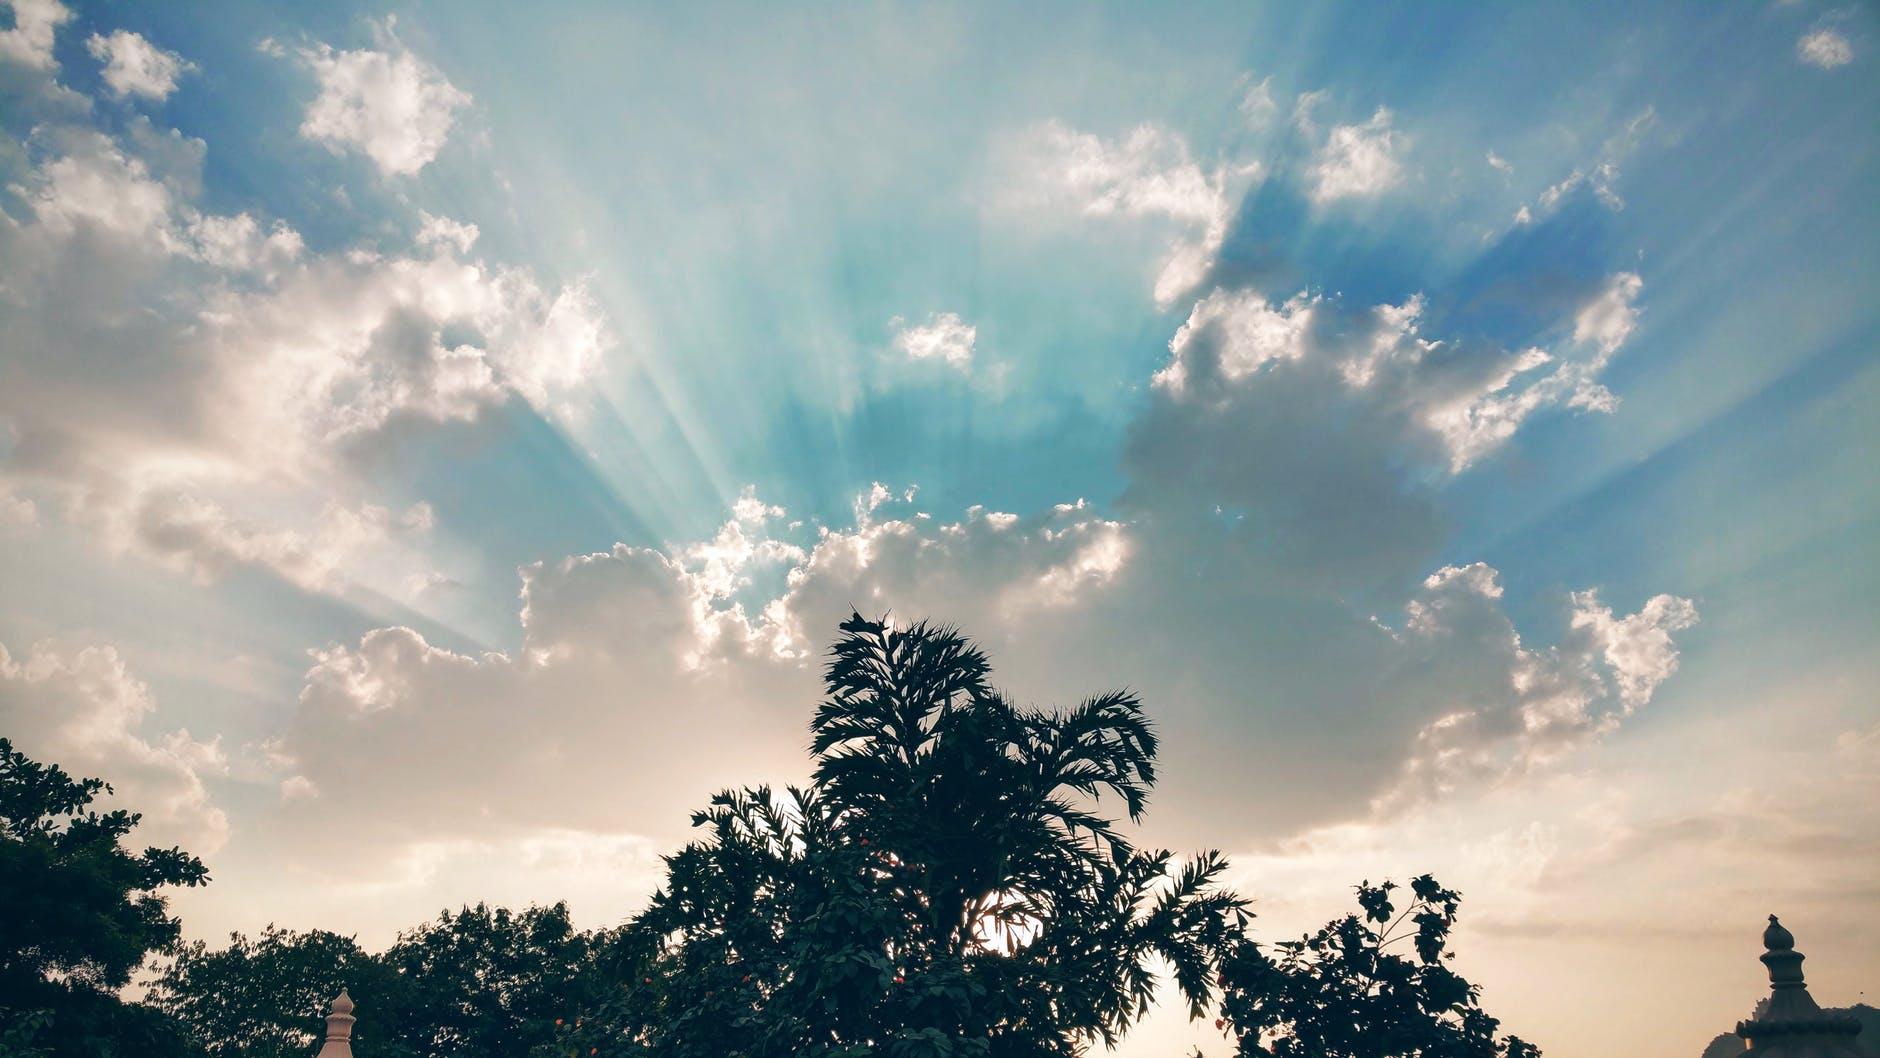 blue sky bright clouds cloudy